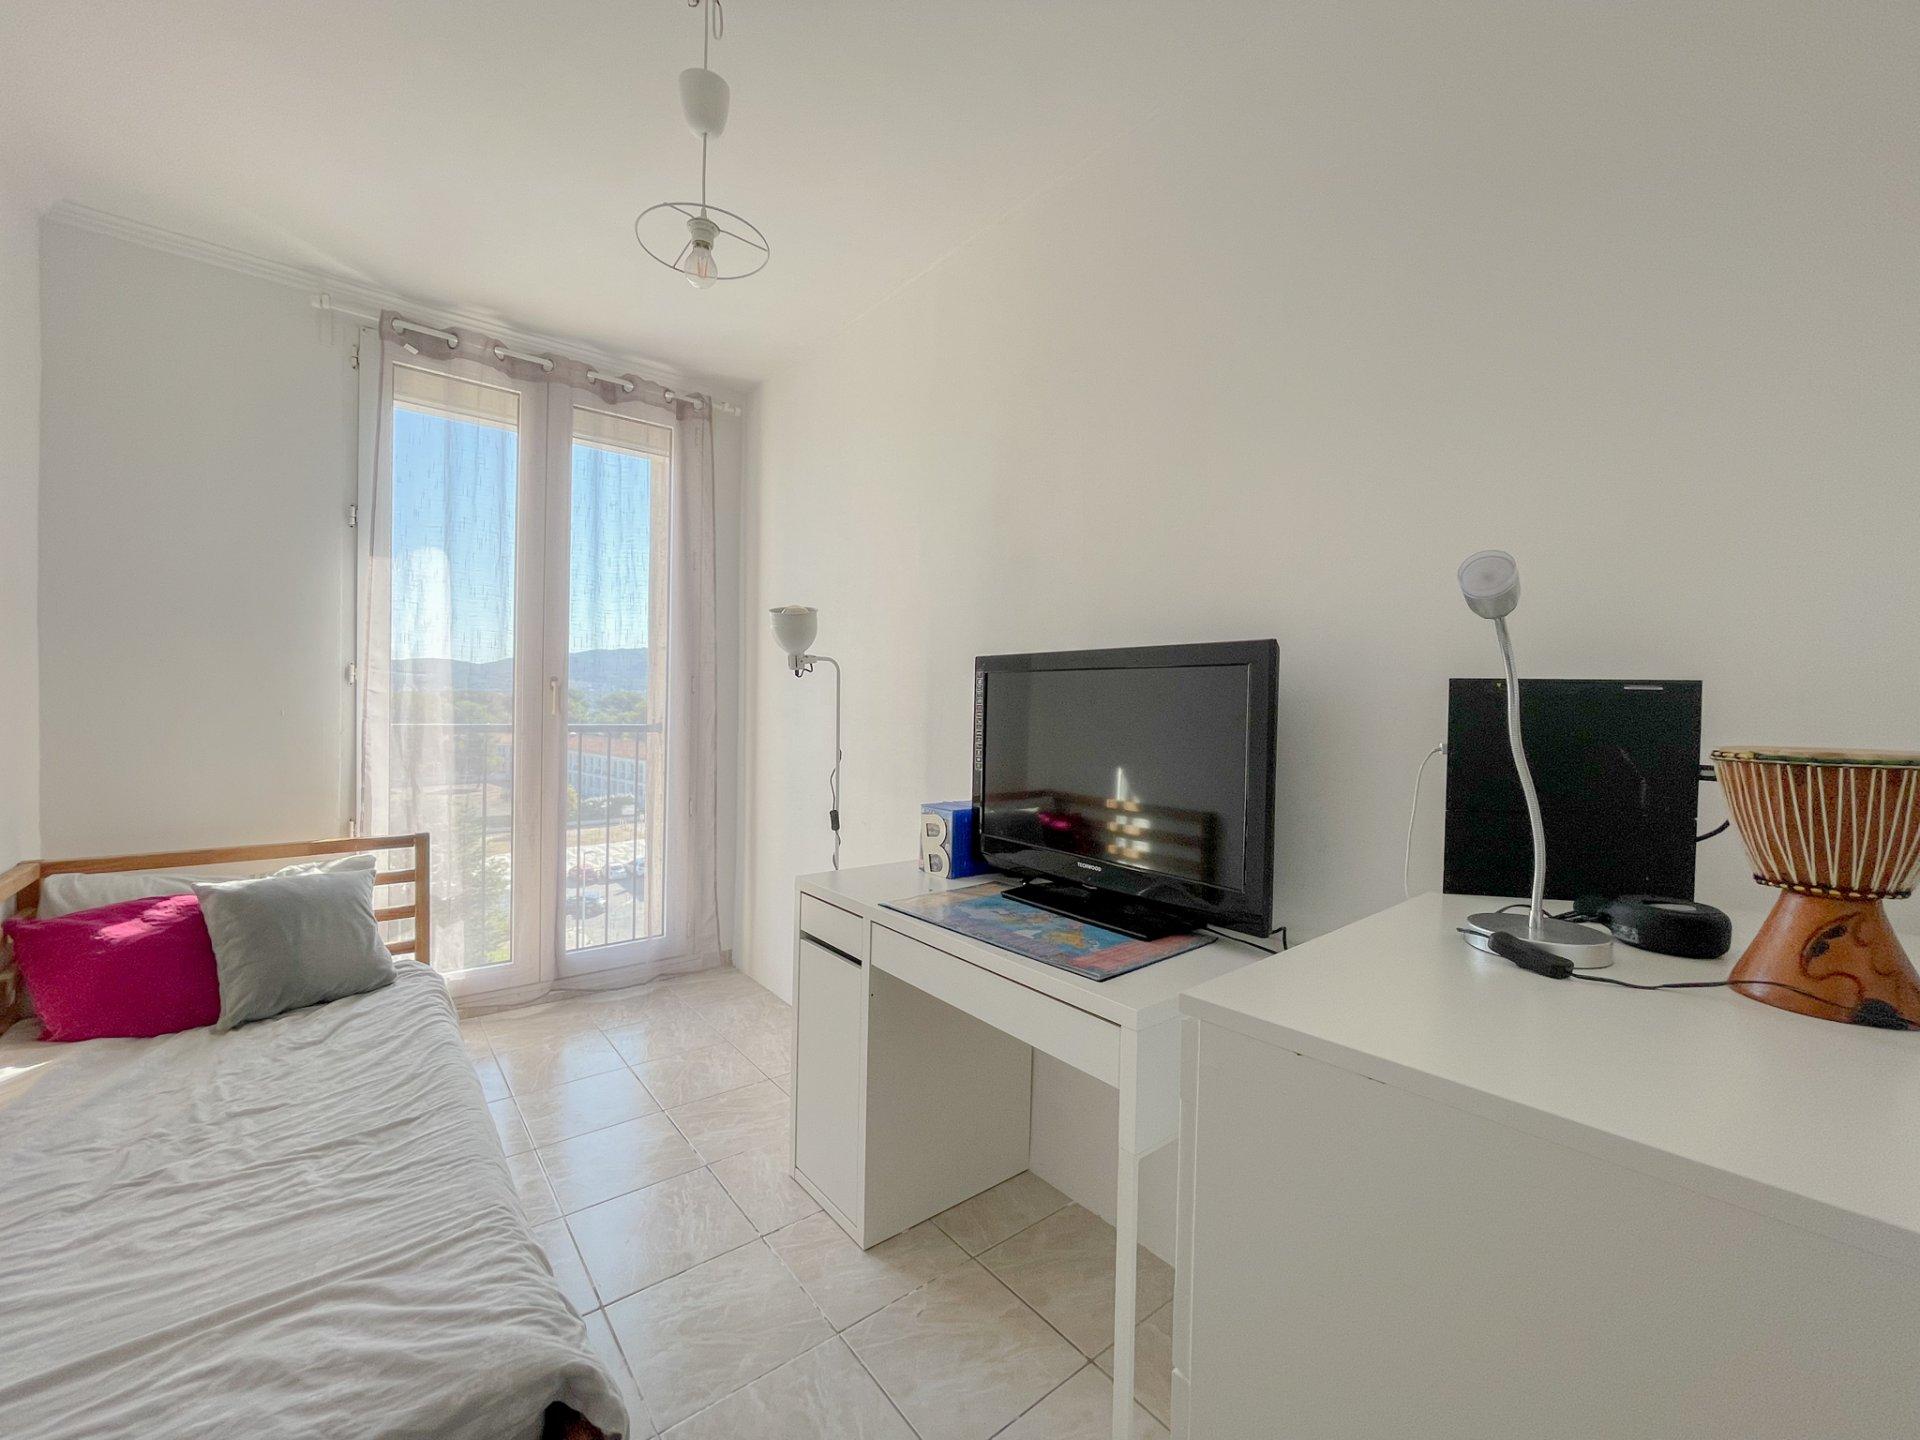 LE COZY Appartement T4 de 68m2 + cave 13012 Montolivet